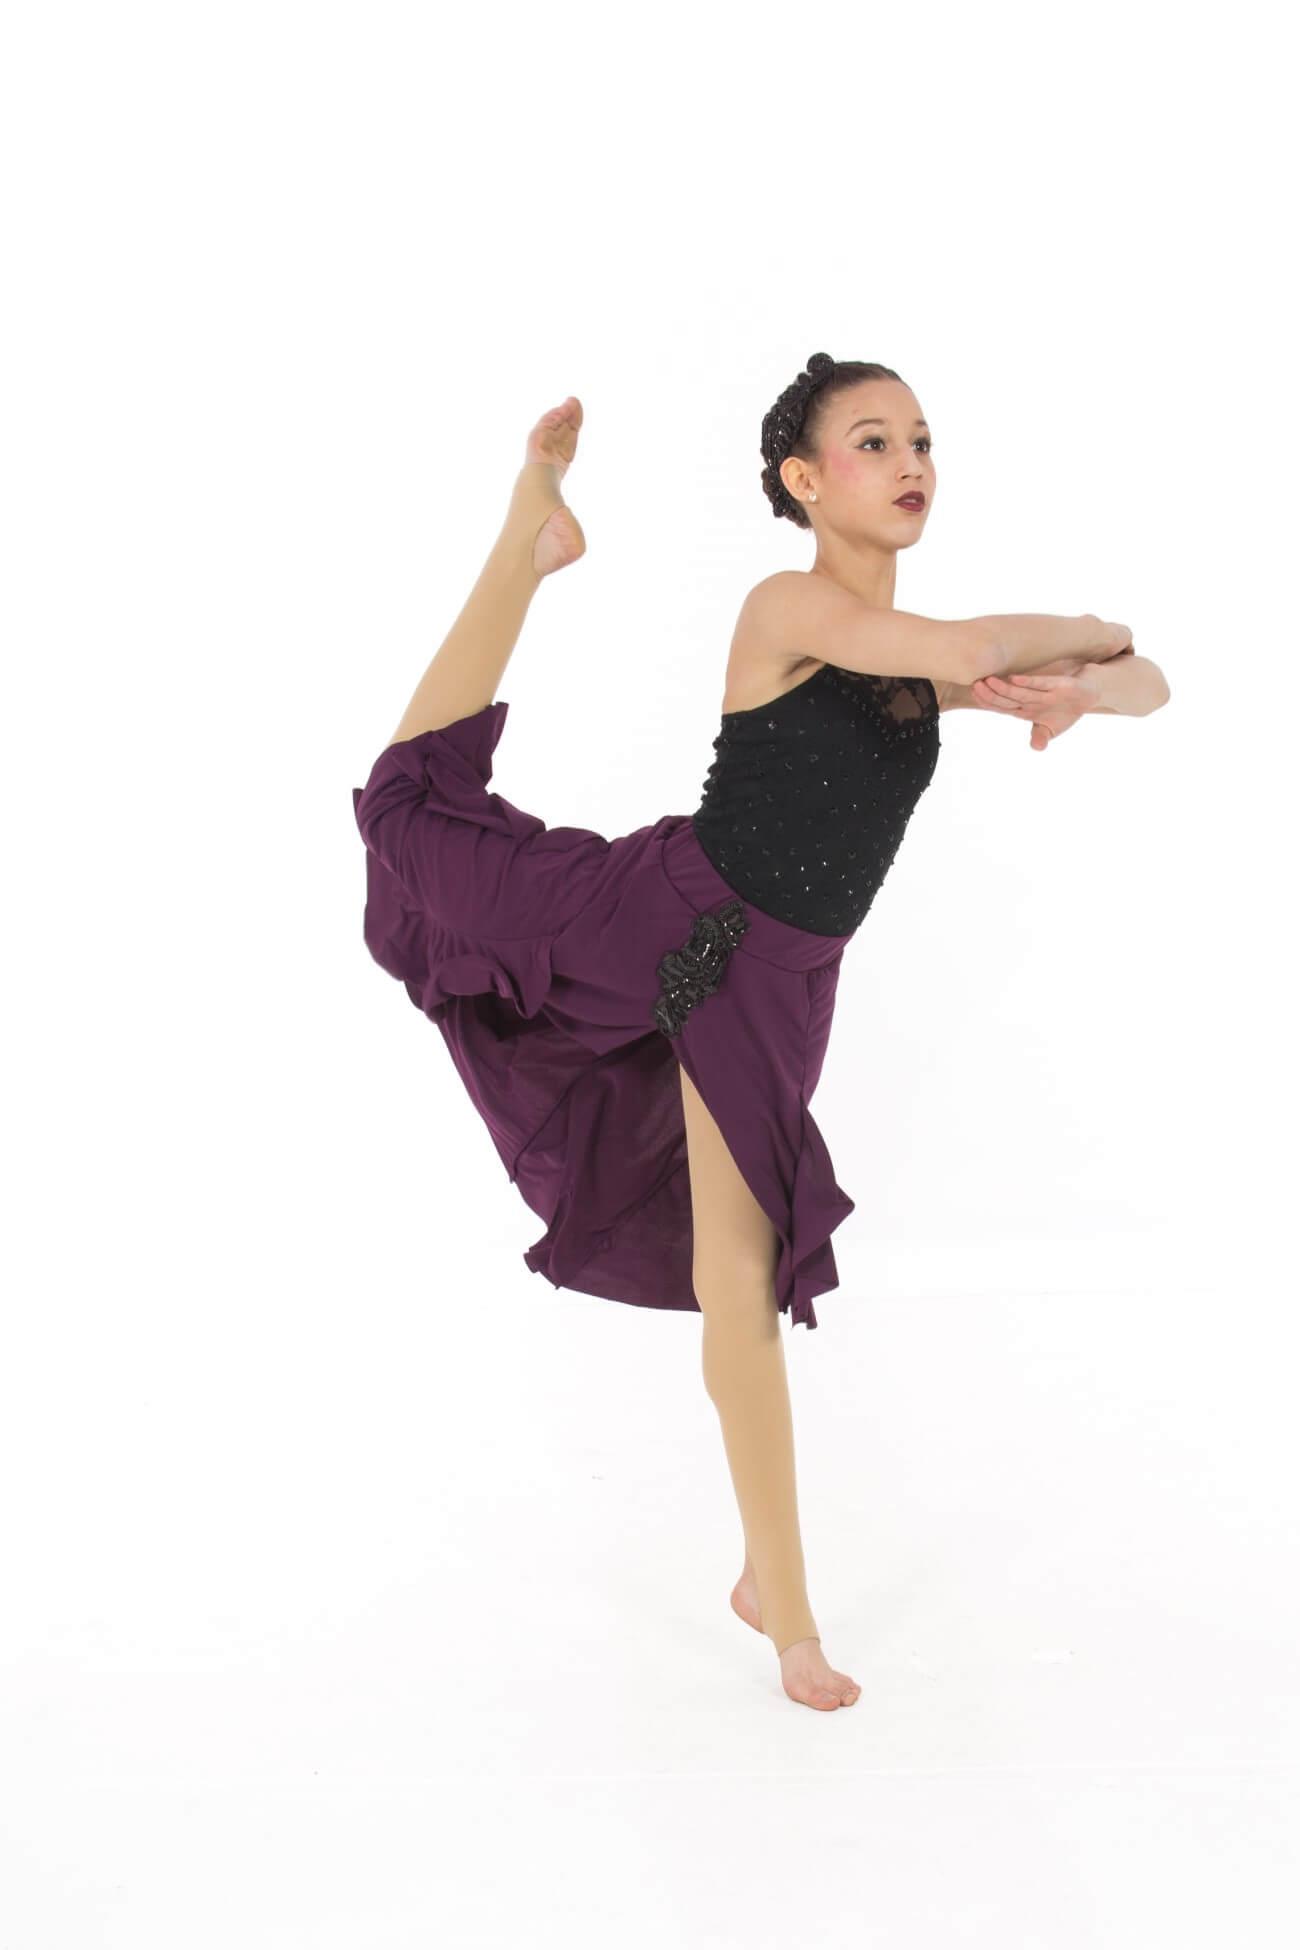 A dancer in purple